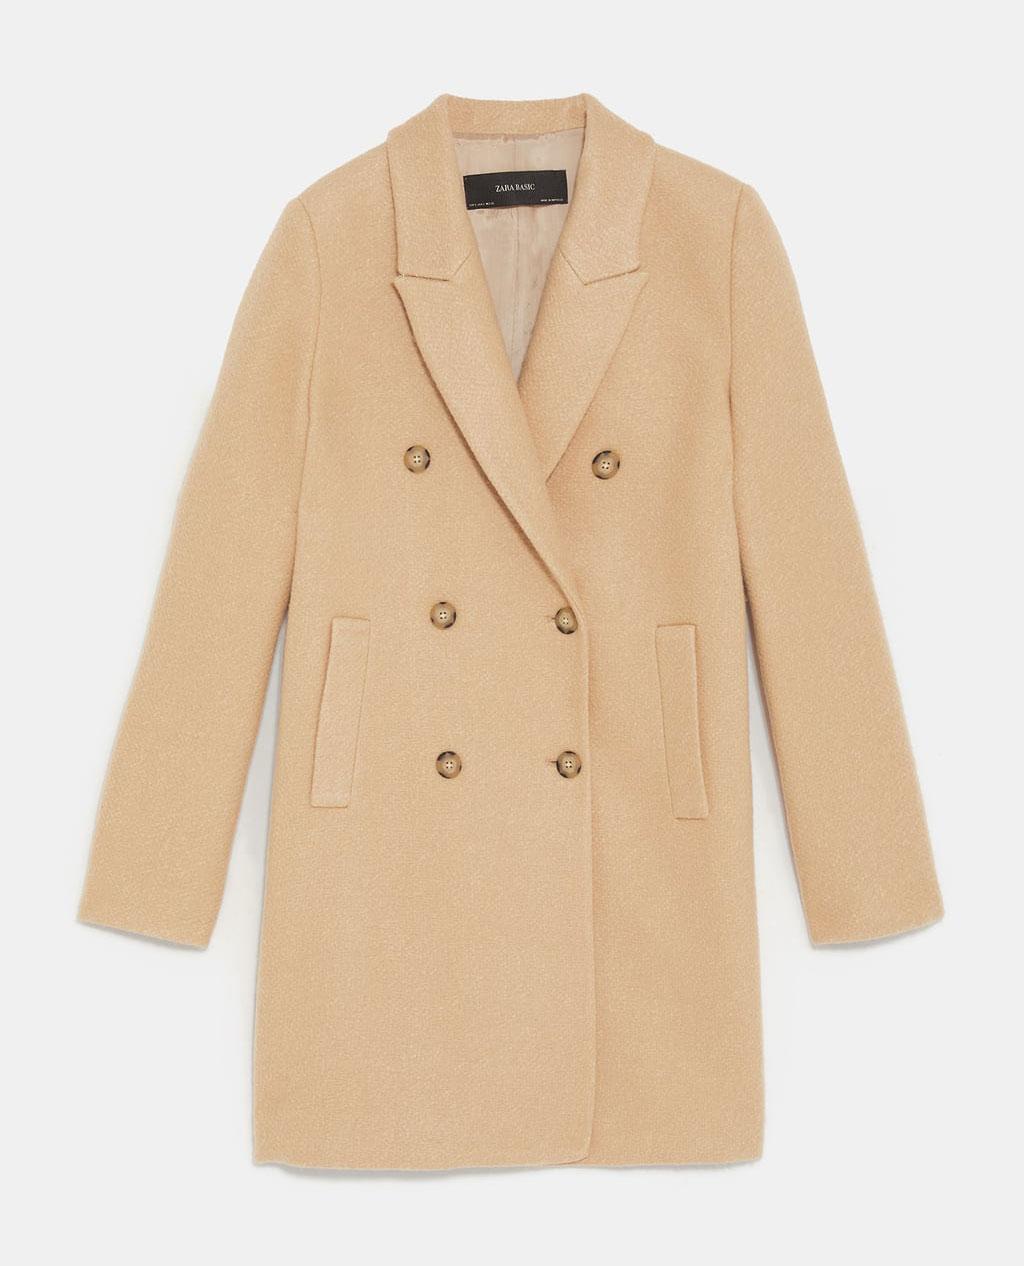 Zara Double breasted camel coat     $59.99